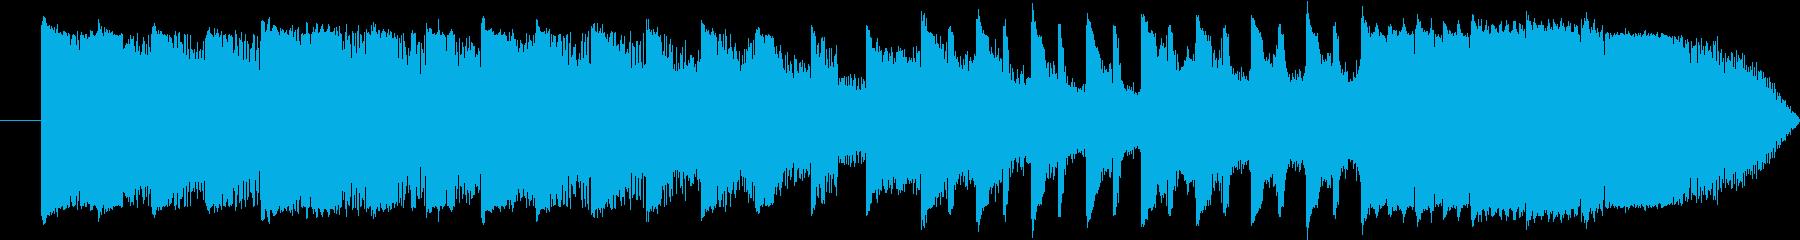 15秒 CM EDM スポット ライザーの再生済みの波形